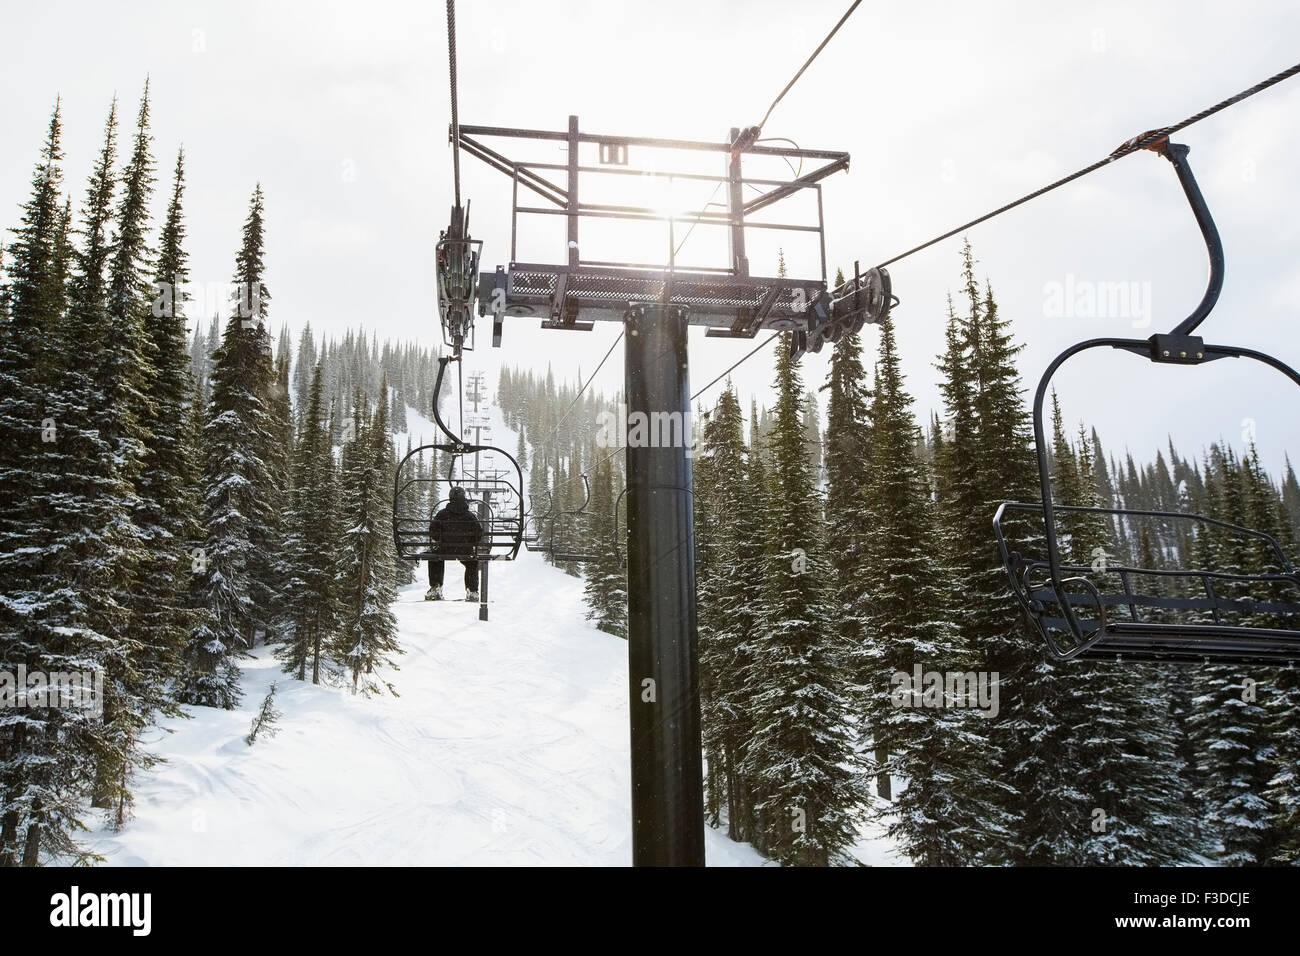 Uomo in ski lift, vista posteriore Immagini Stock